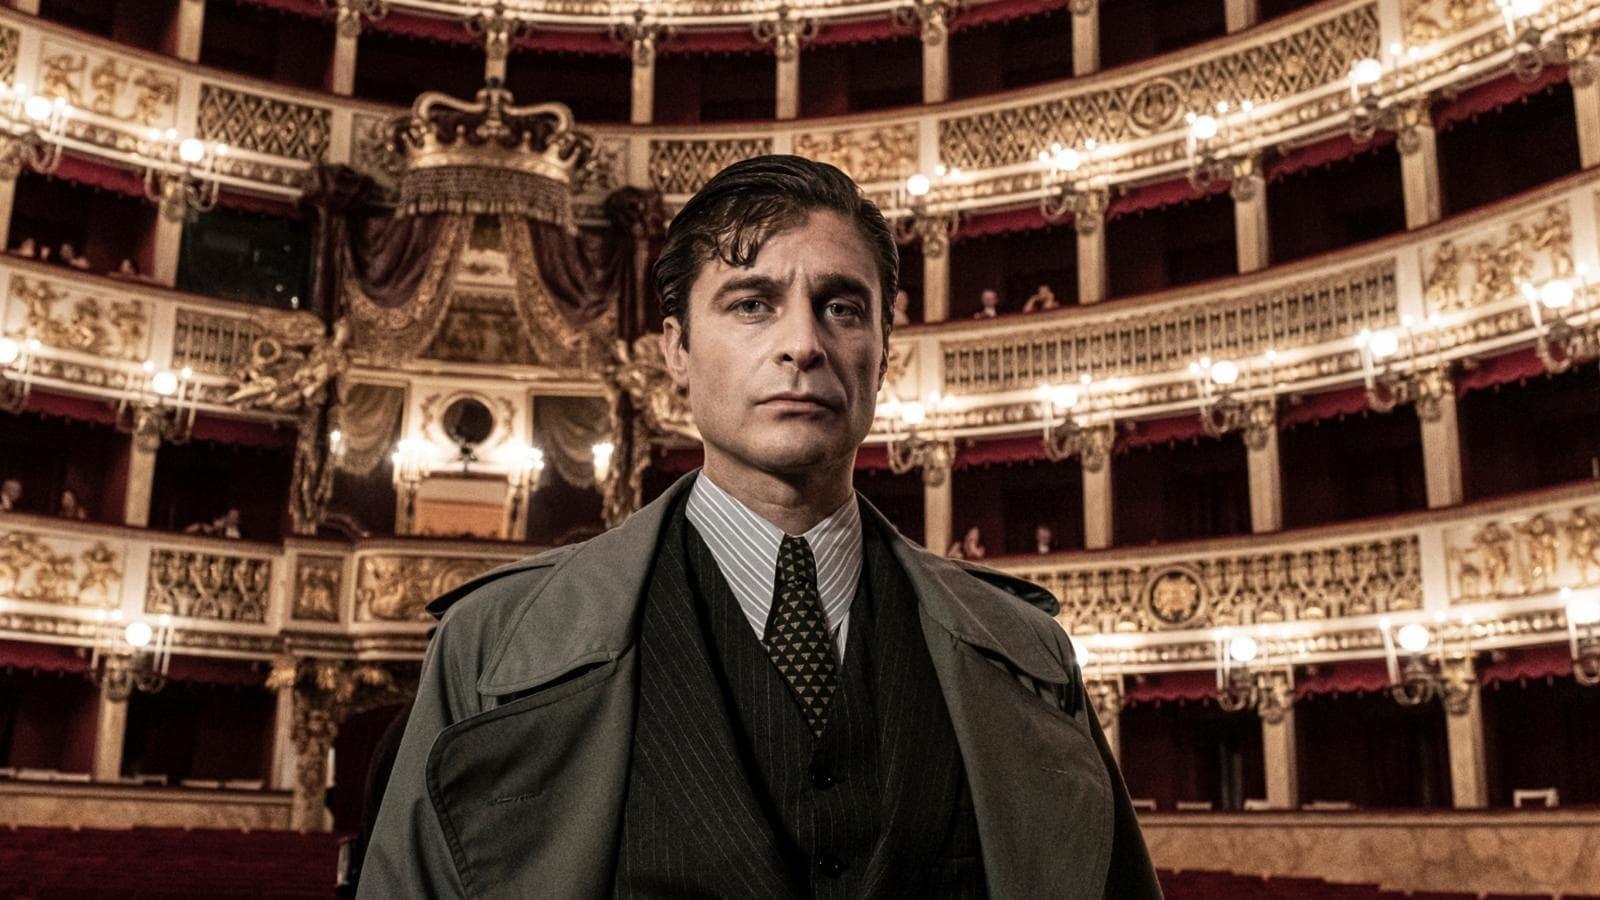 Il Commissario Ricciardi: trama, cast e anticipazioni. Quante puntate sono